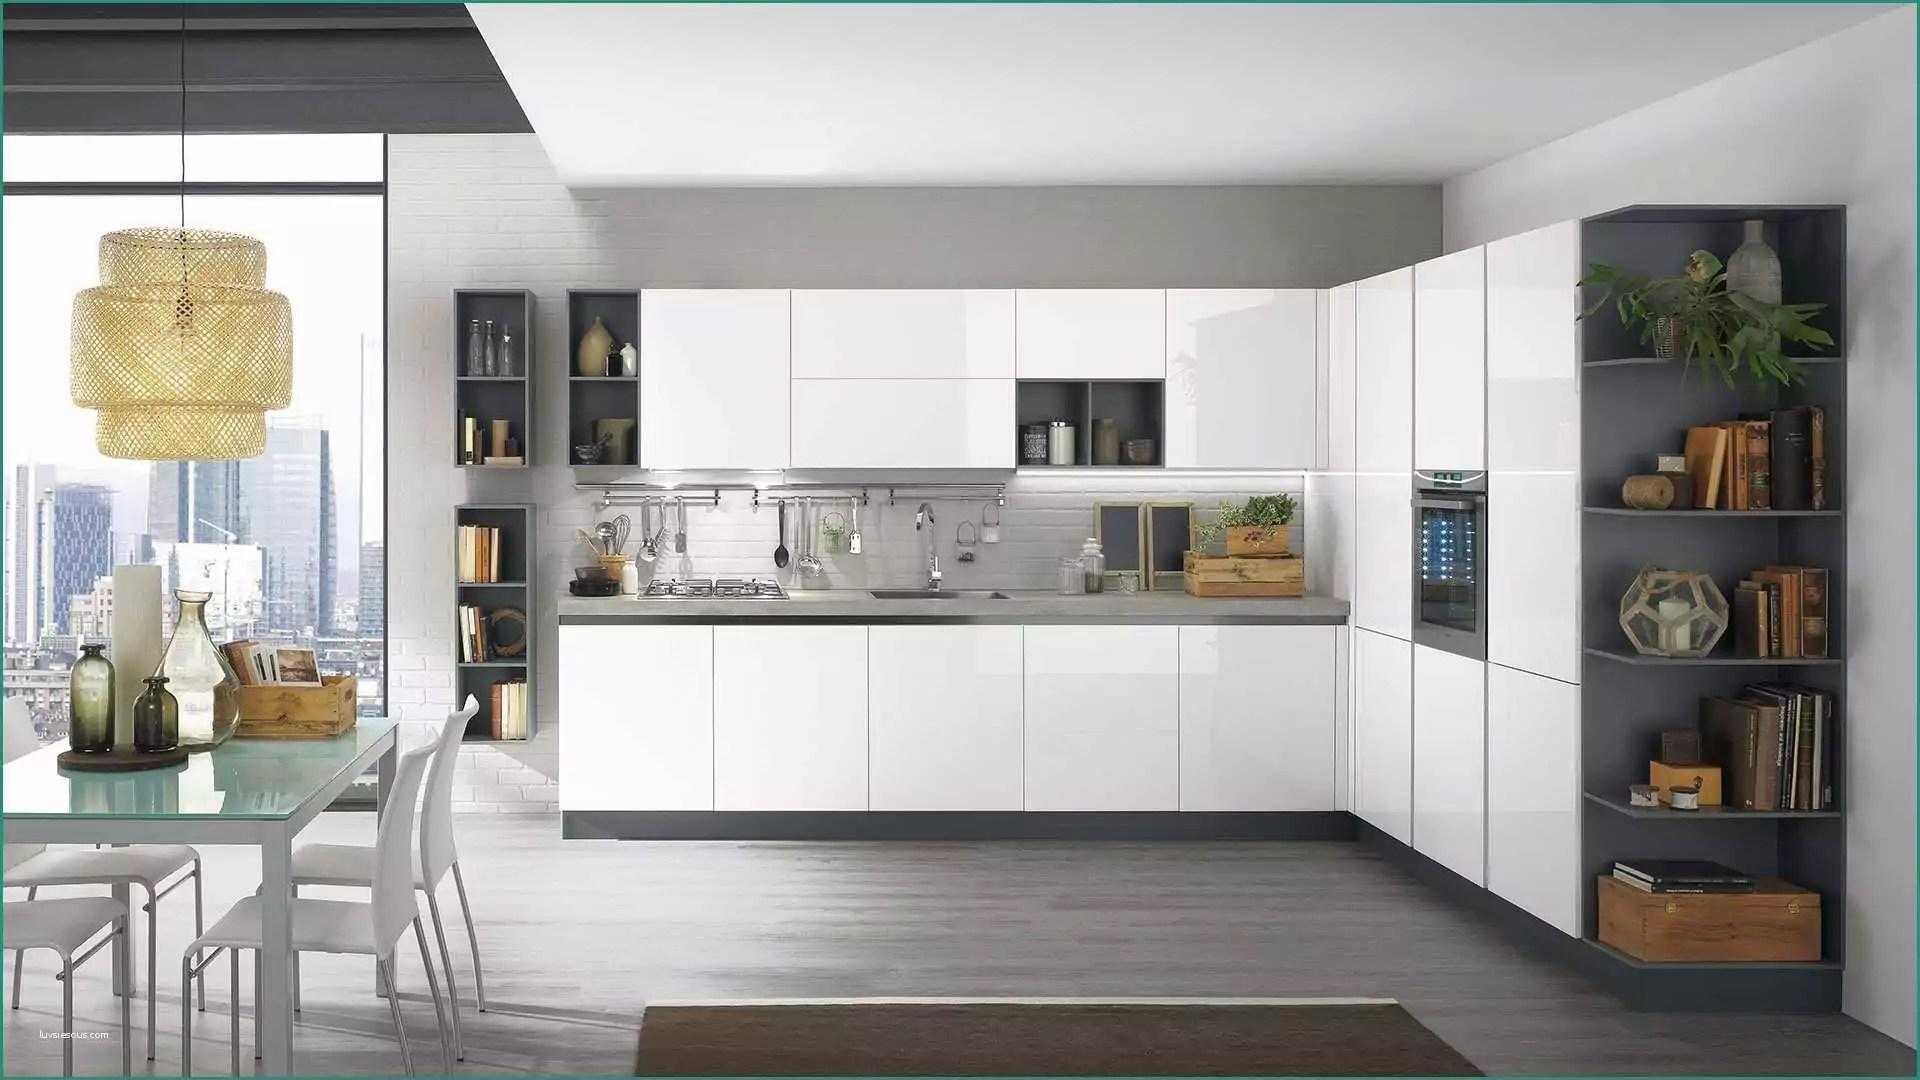 Cucina Moderna Colori | Colori Cucine Moderne Best Colori Cucine ...